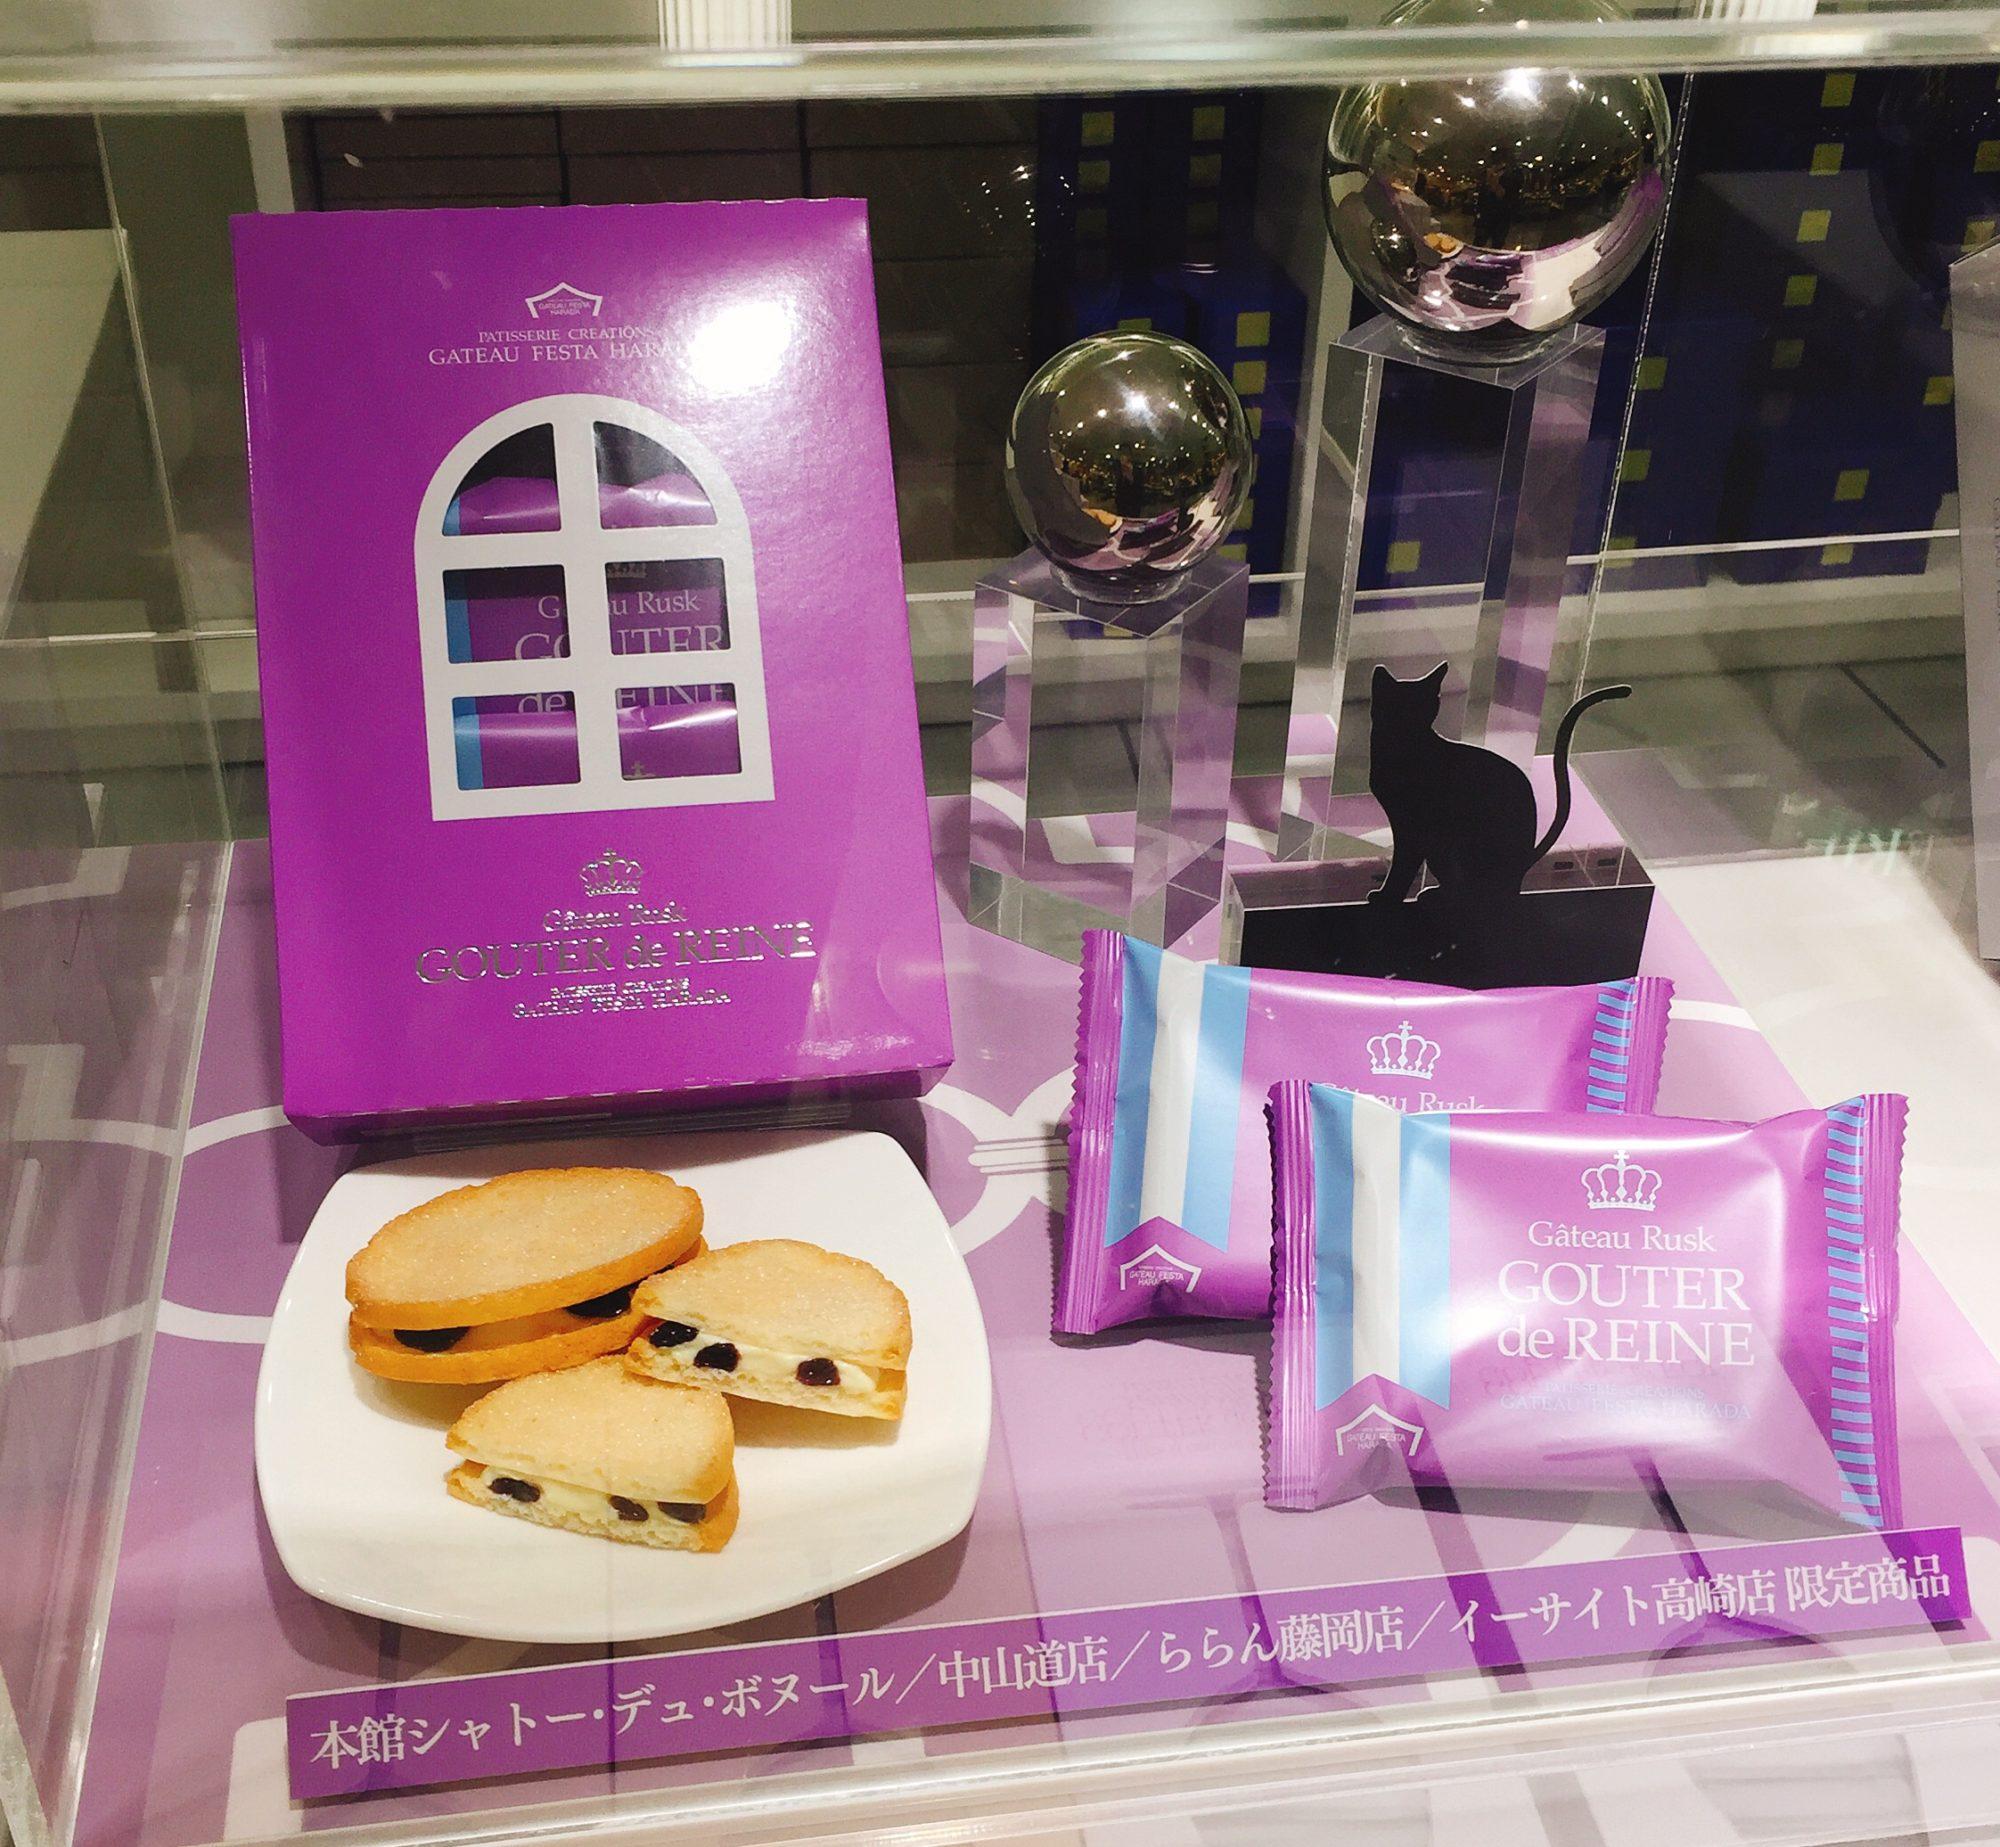 ガトーフェスタ ハラダの高崎限定「グーテ・デ・レーヌ」は1枚 推定180 kcal.高カロリーのお菓子は美味しいです.